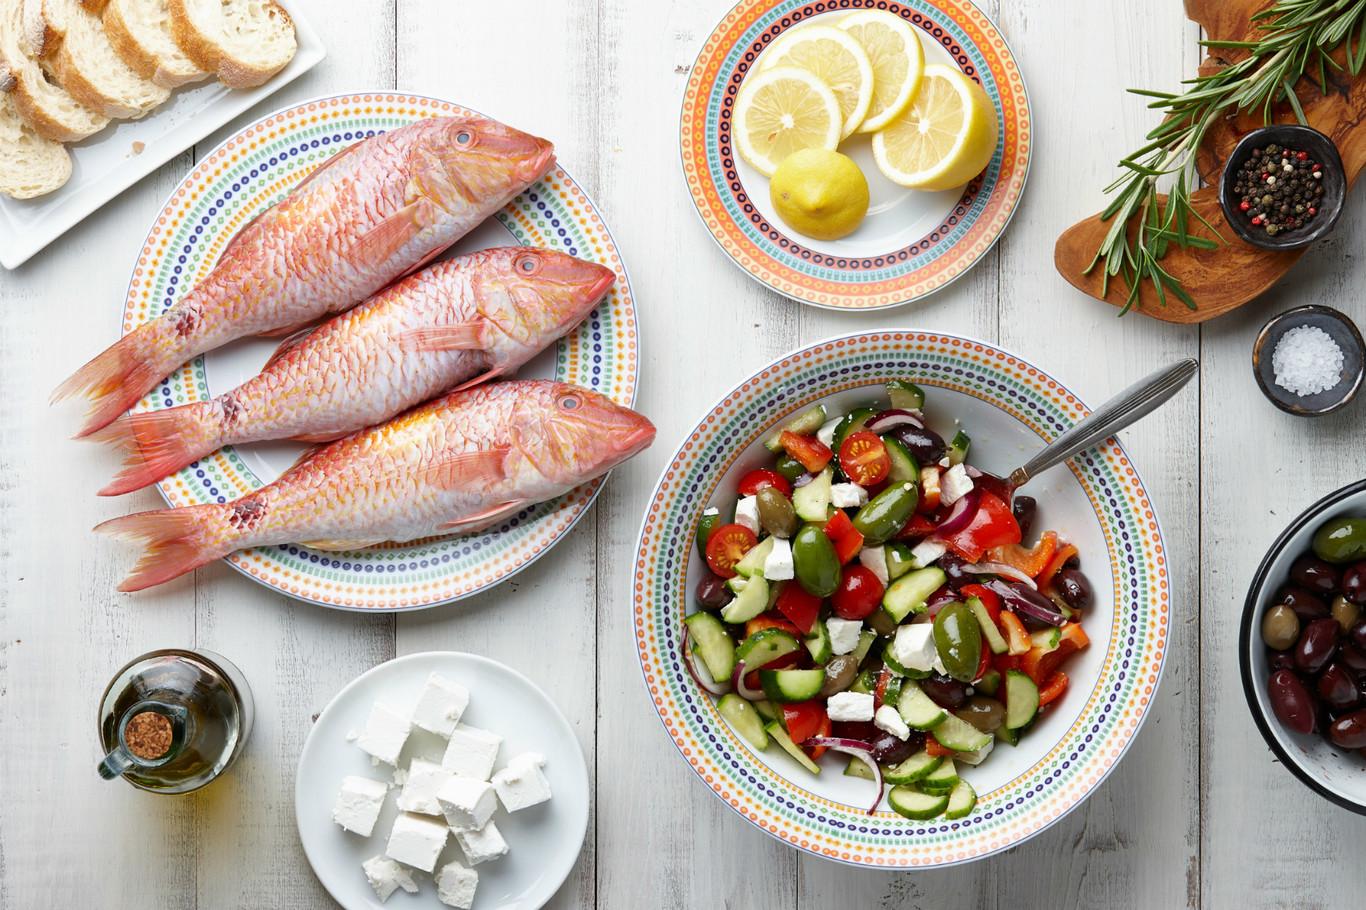 Pescado de temporada: cómo cocinar con salmonete y tres recetas para disfrutarlo en casa